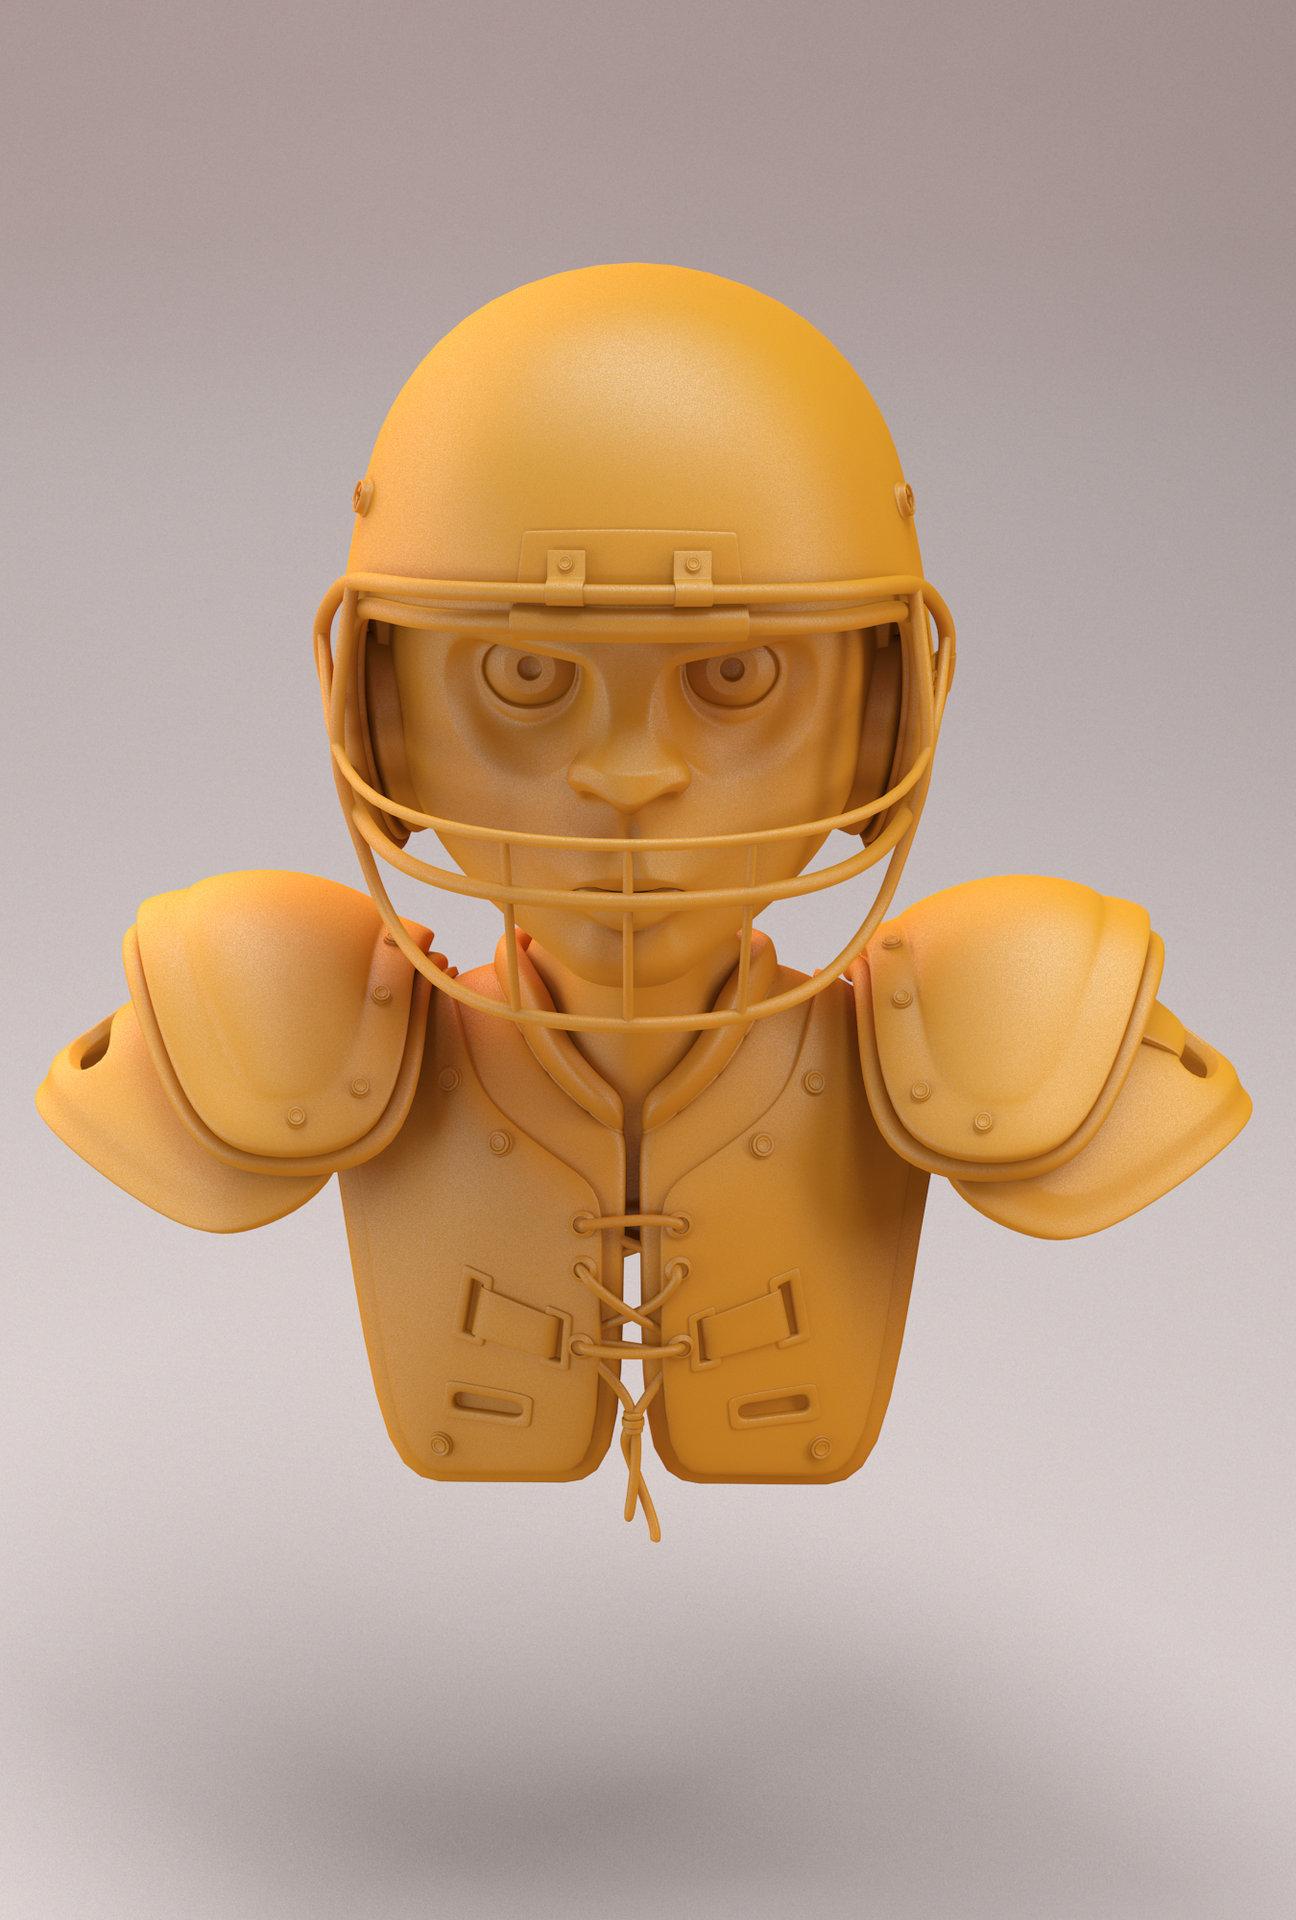 Fabricio campos cyborg0001